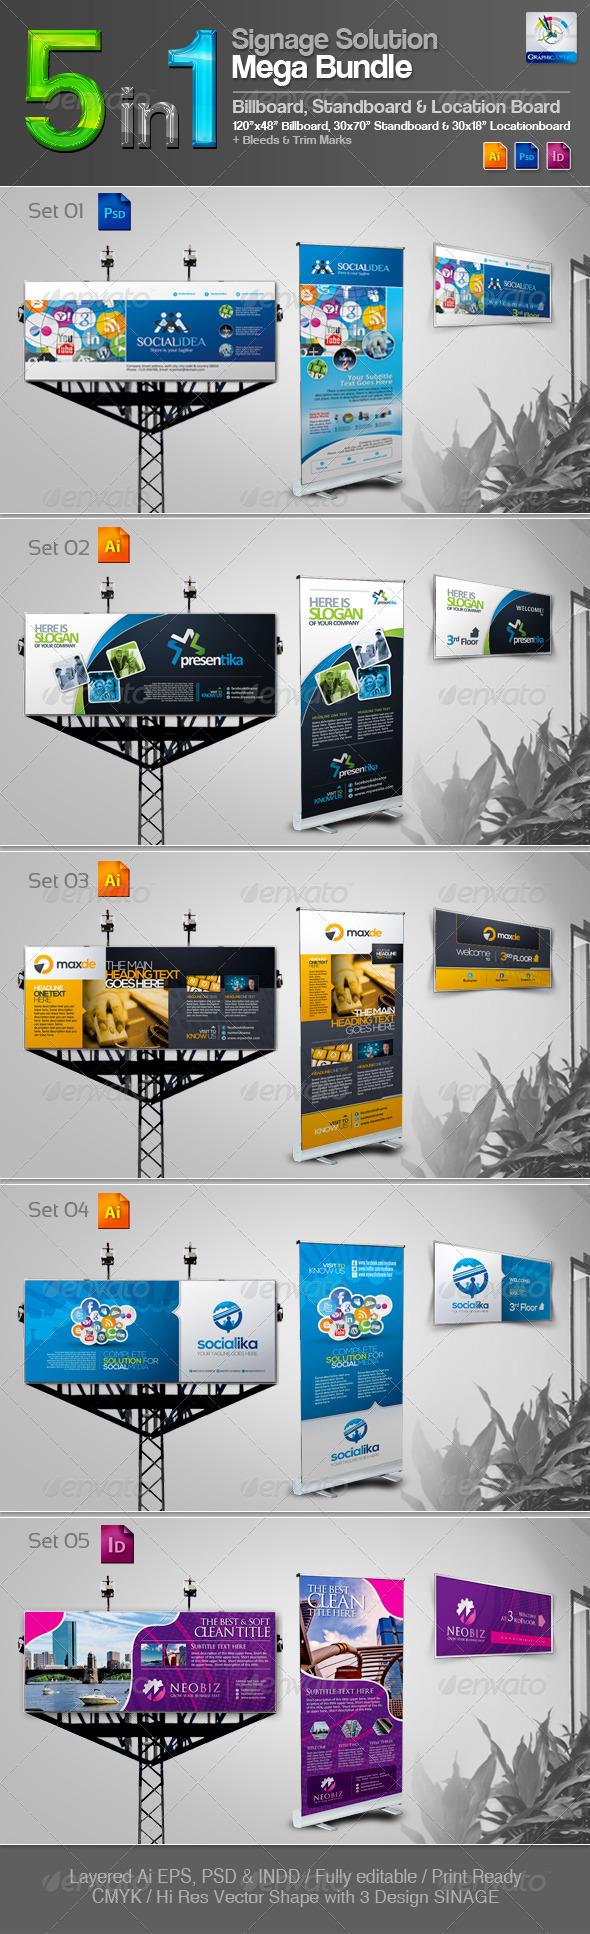 GraphicRiver 5 in 1 Signage Solution Mega Bundle 3603180